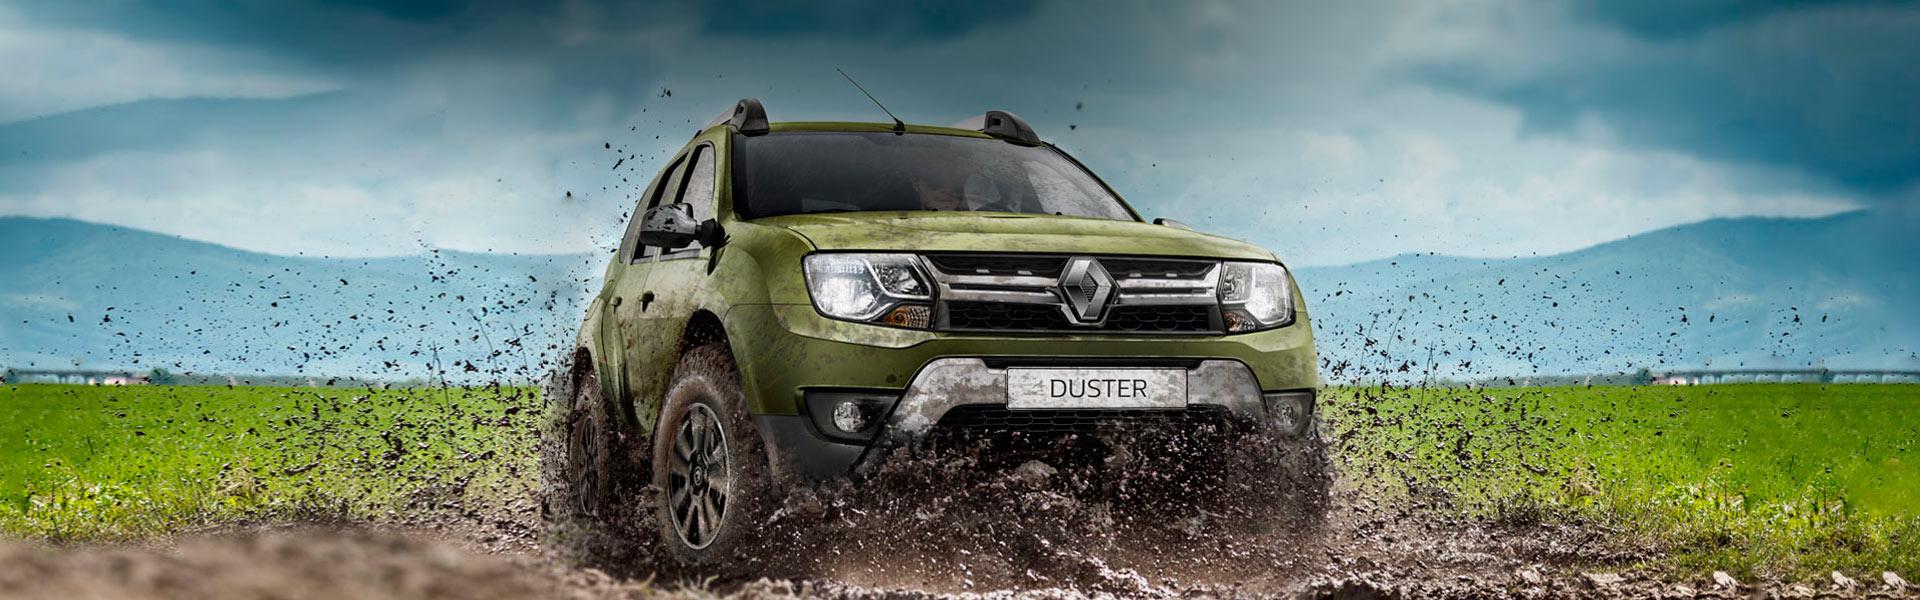 Замена фильтров Renault